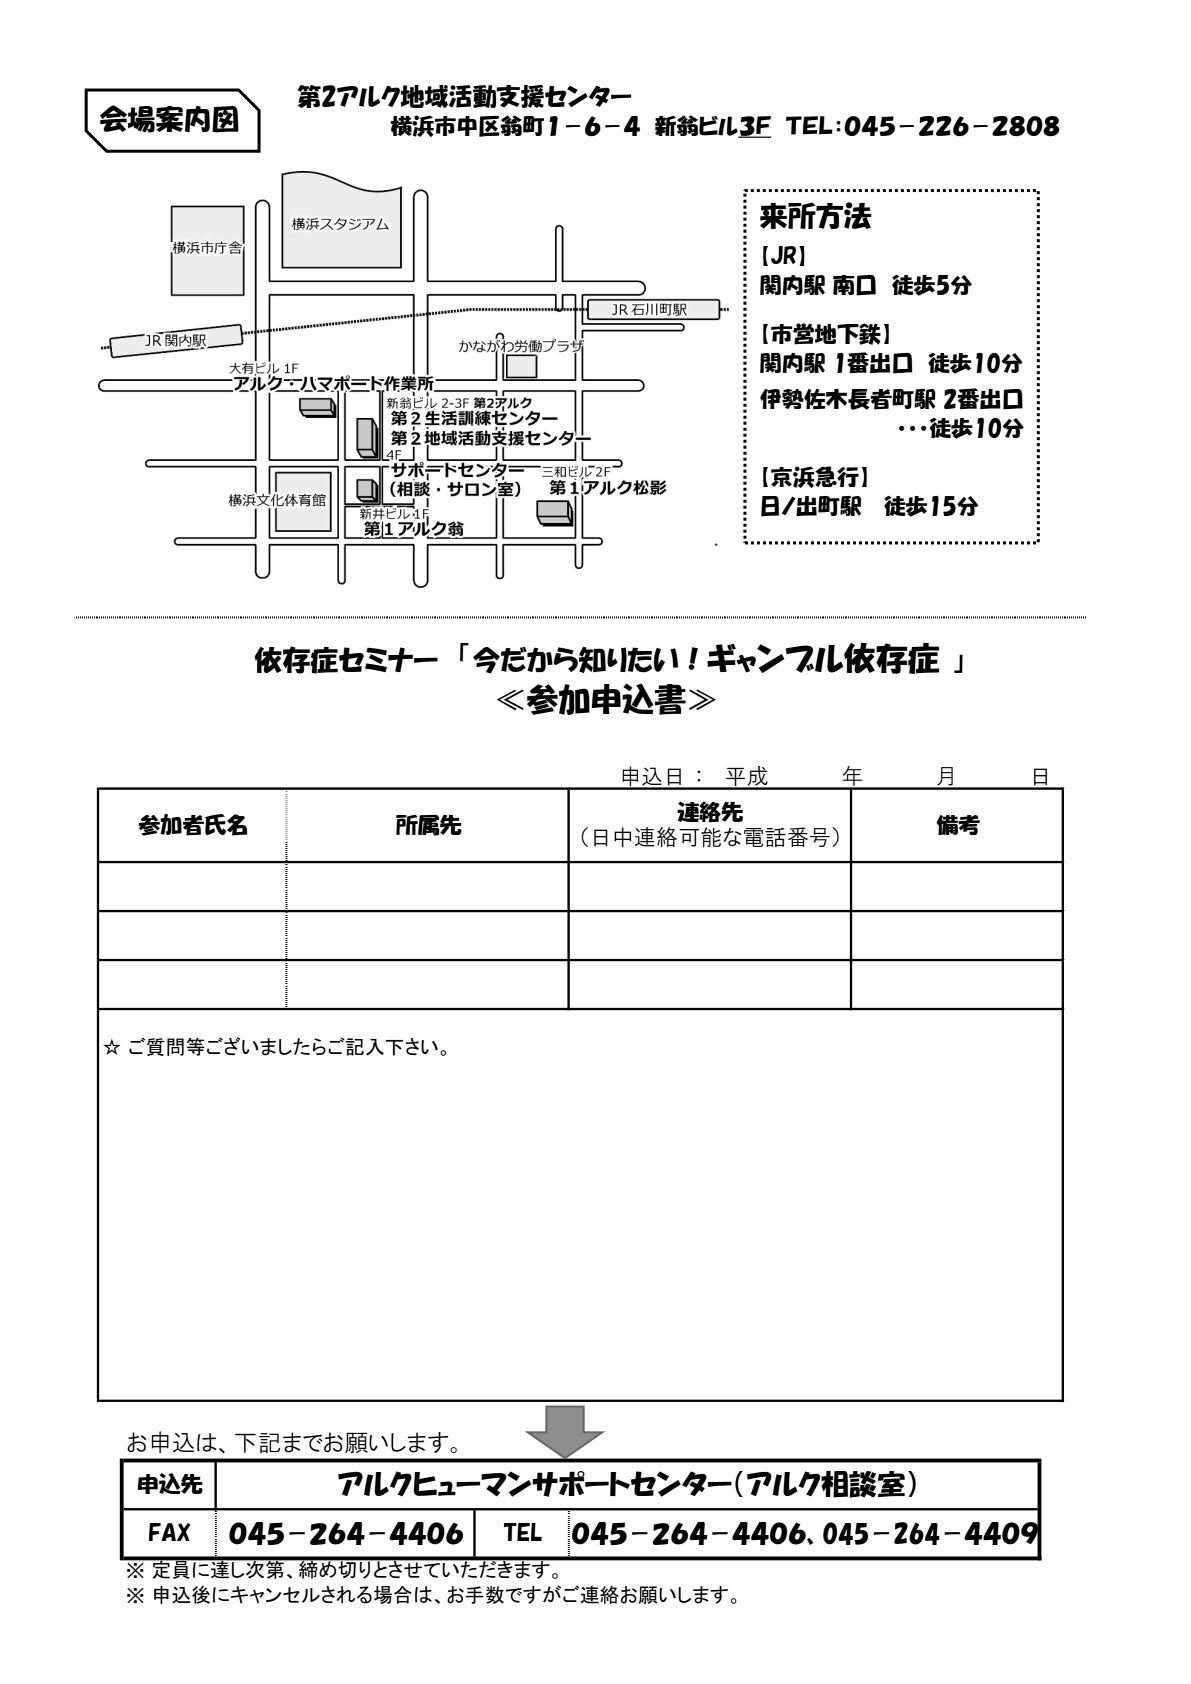 2017.7.21チラシ裏 申込みFAX用紙_2